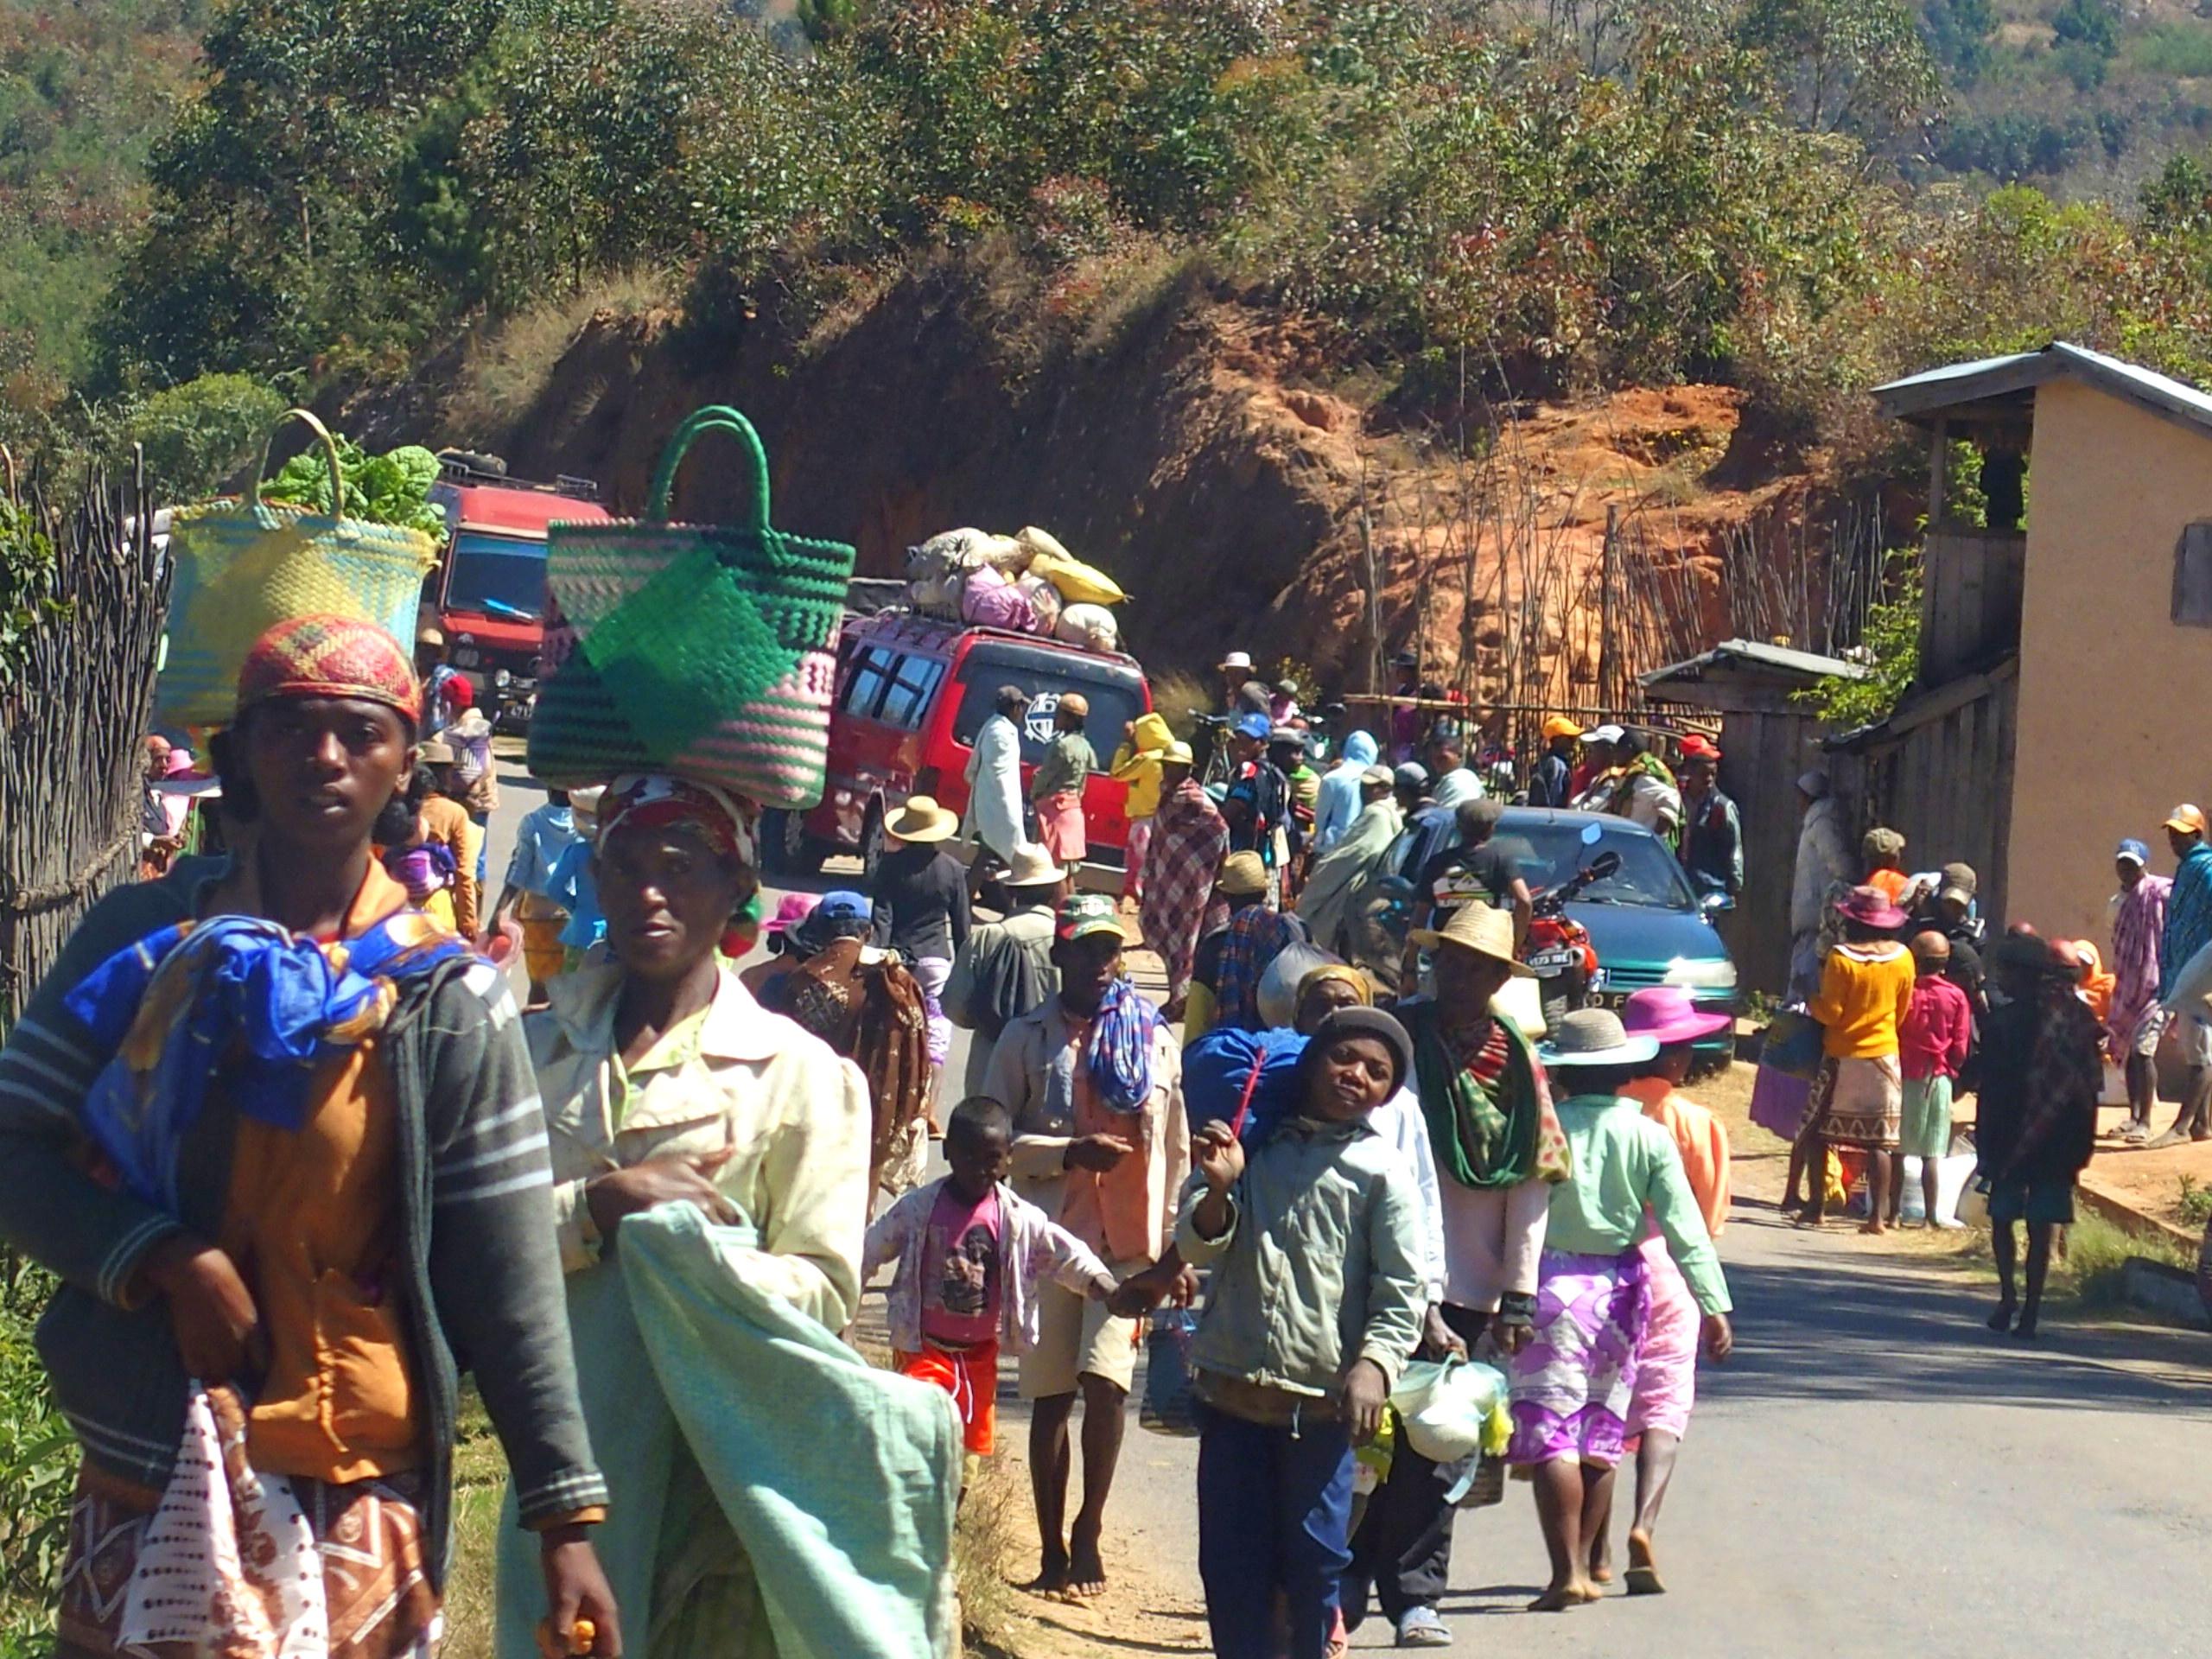 Foule impressionnante qui se rend au marché Madagascar